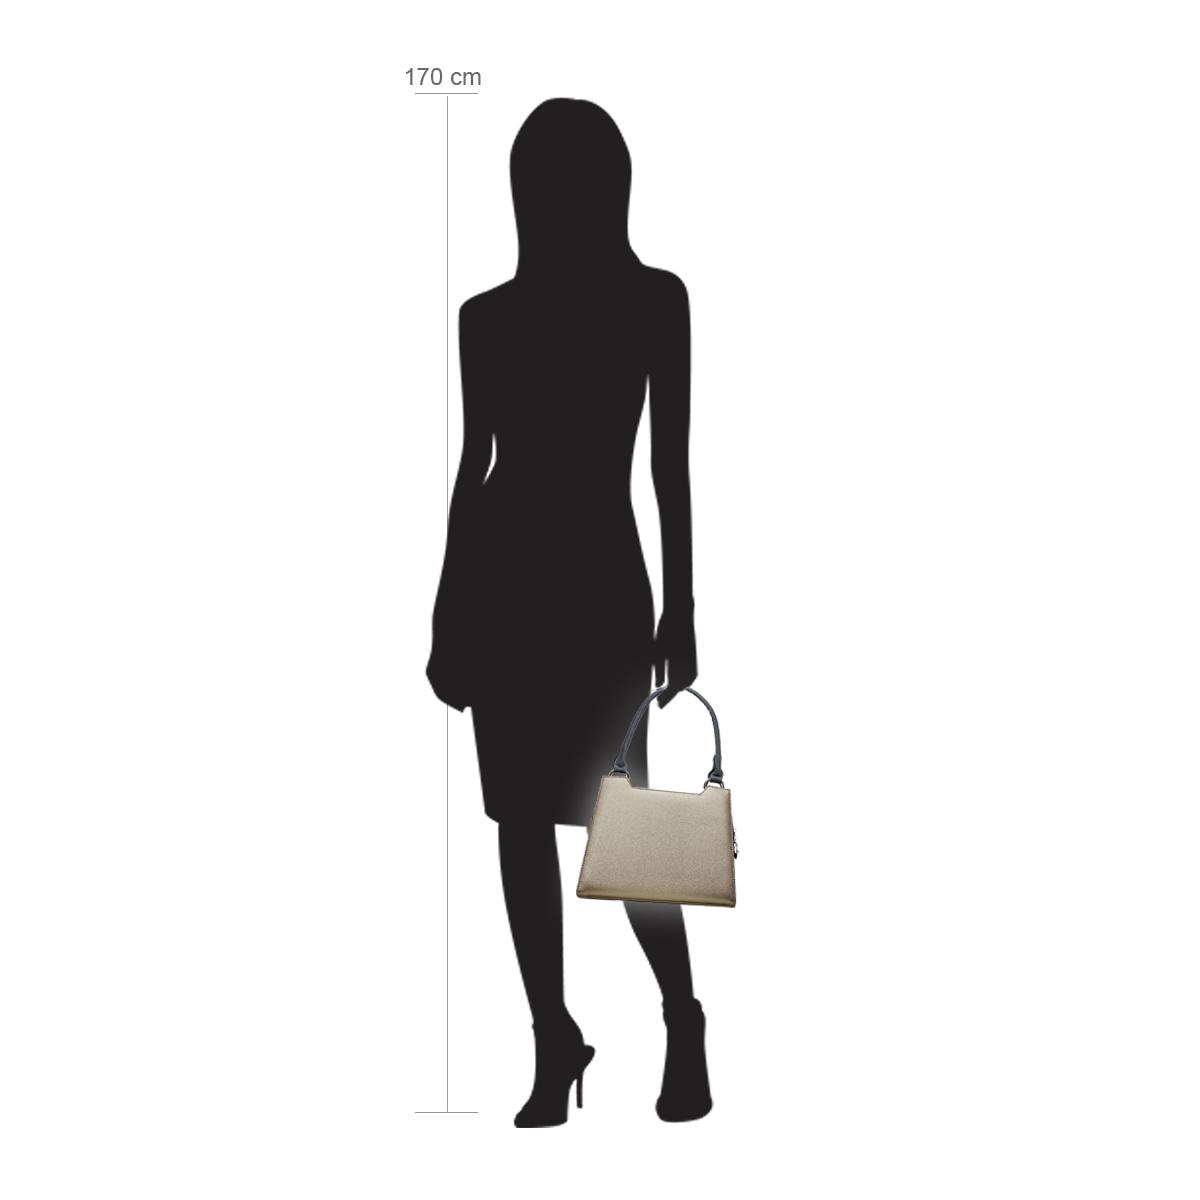 Modellpuppe 170 cm groß zeigt die Handtaschengröße an der Person Modell:Yukon